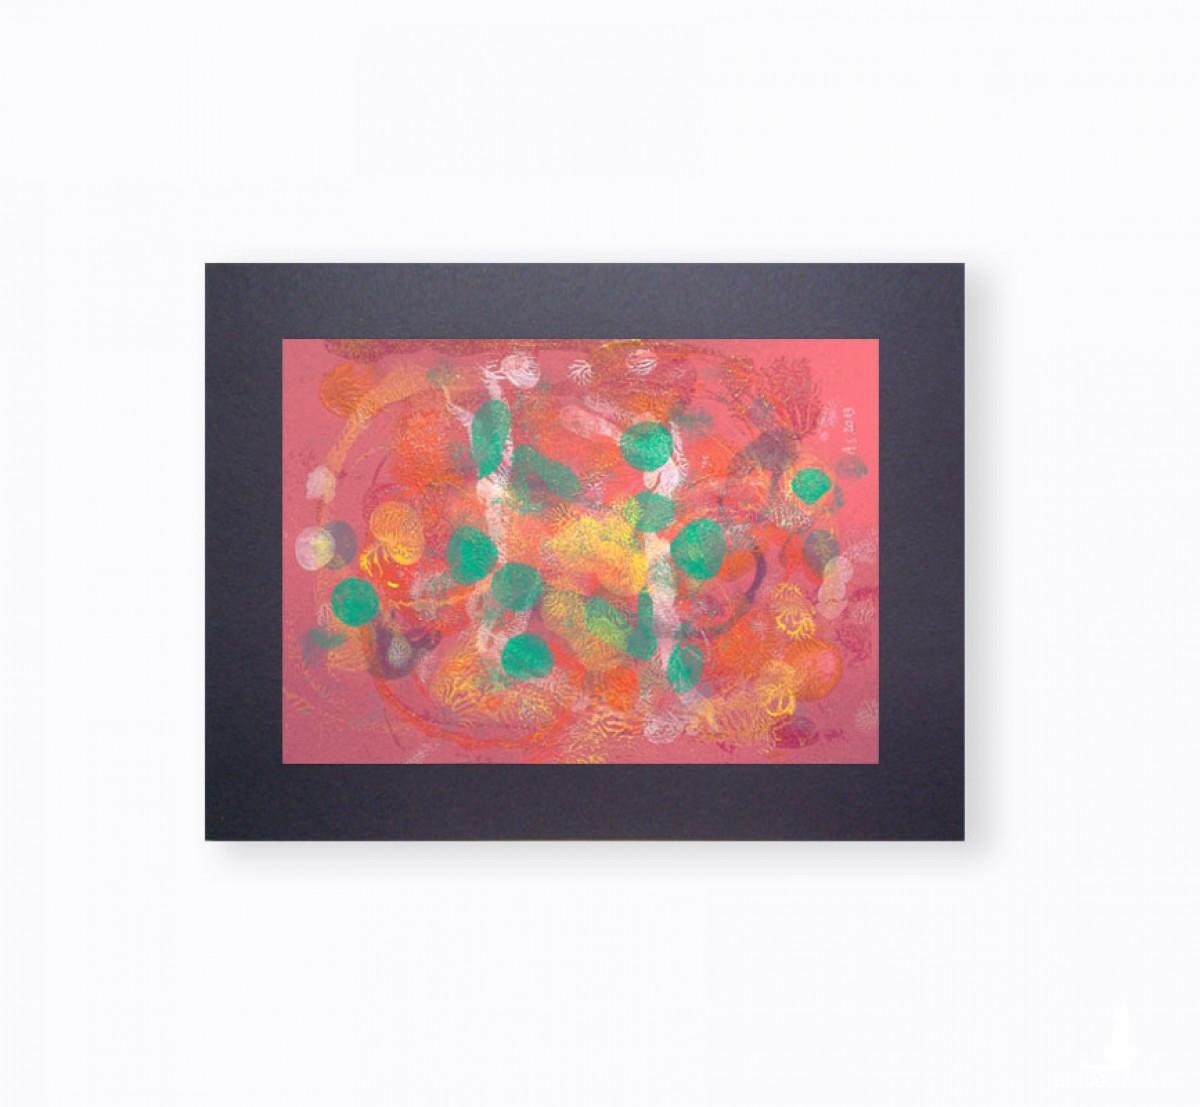 grafika do loftu, abstrakcja w ciepłych kolorach, abstrakcyjny rysunek na ścianę, nowoczesna dekoracja do pokoju